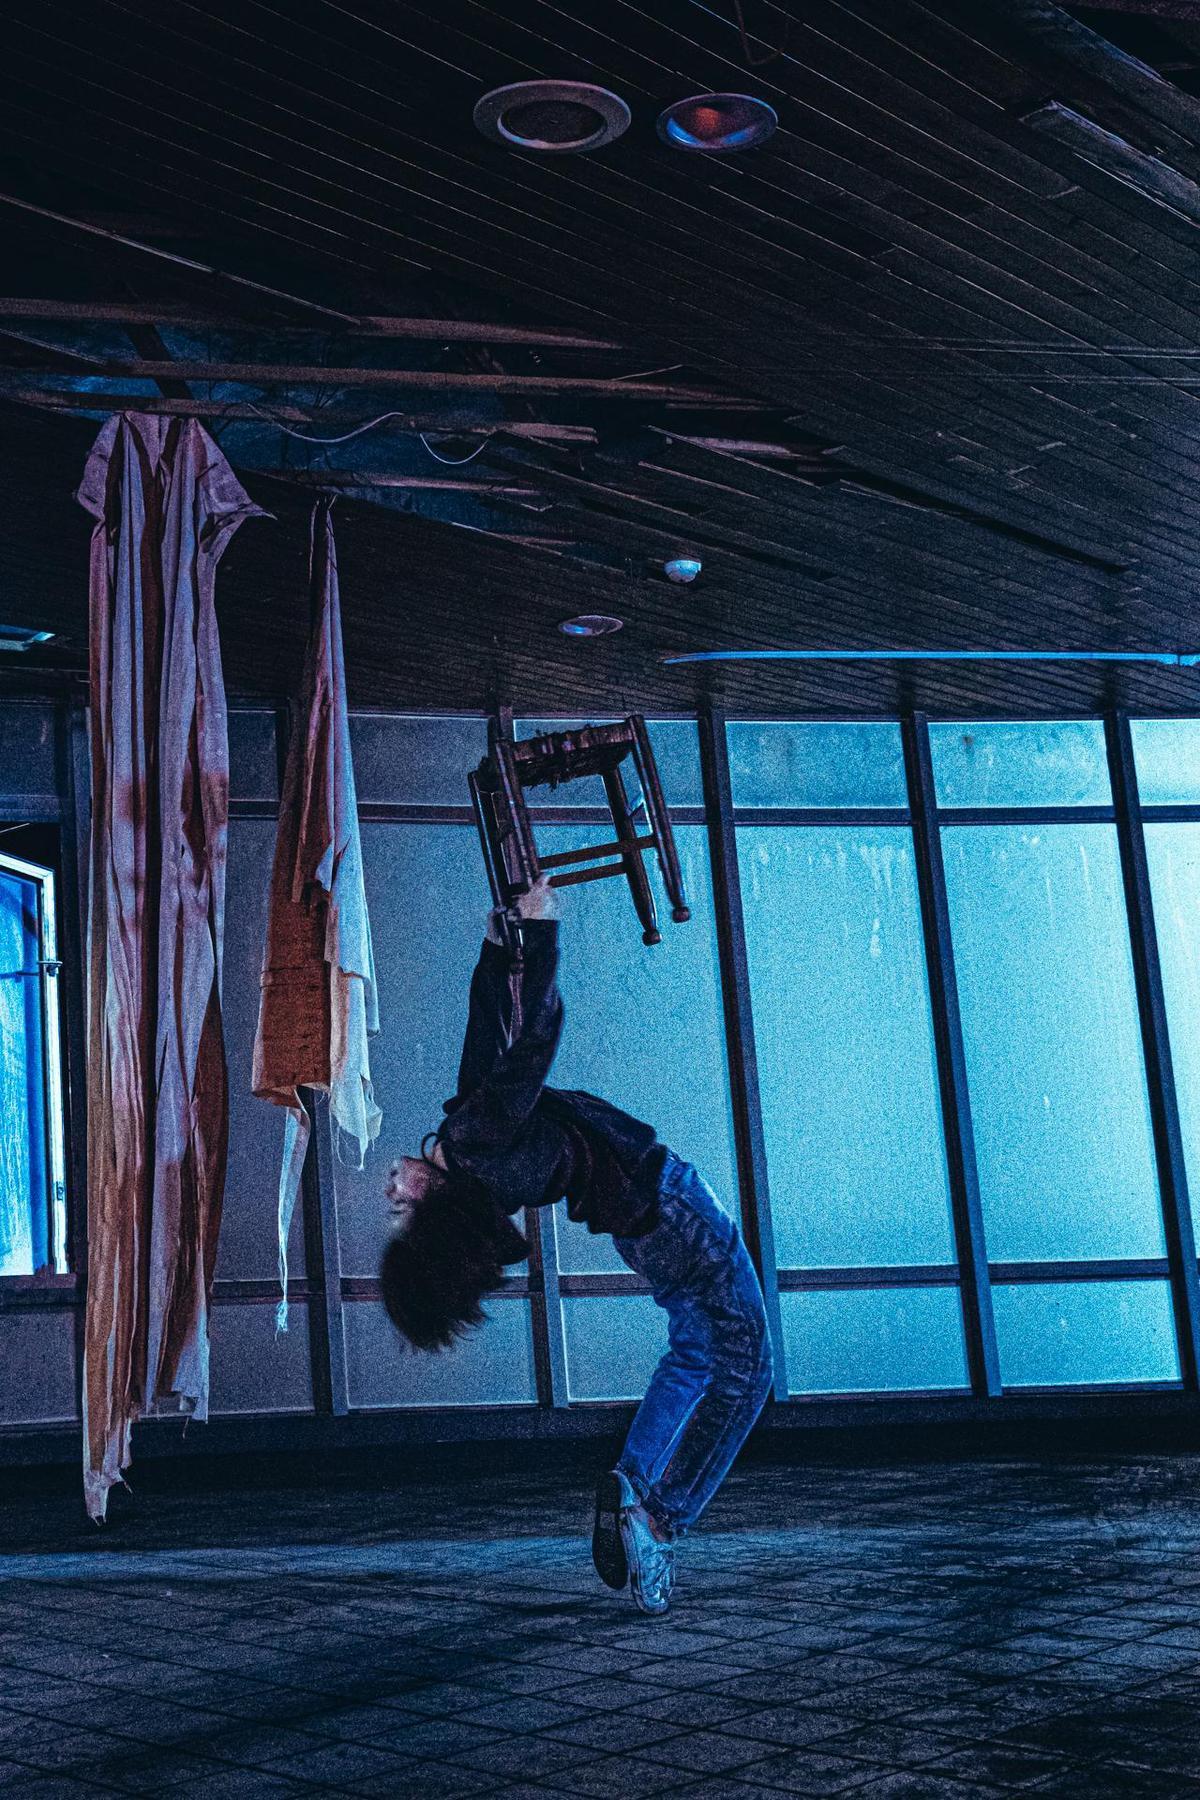 許安植演出的「椅仔姑」通靈問世畫面,被突如其來吊鋼絲的拖行嚇到尖叫,逼真指數破表。(華影國際提供)